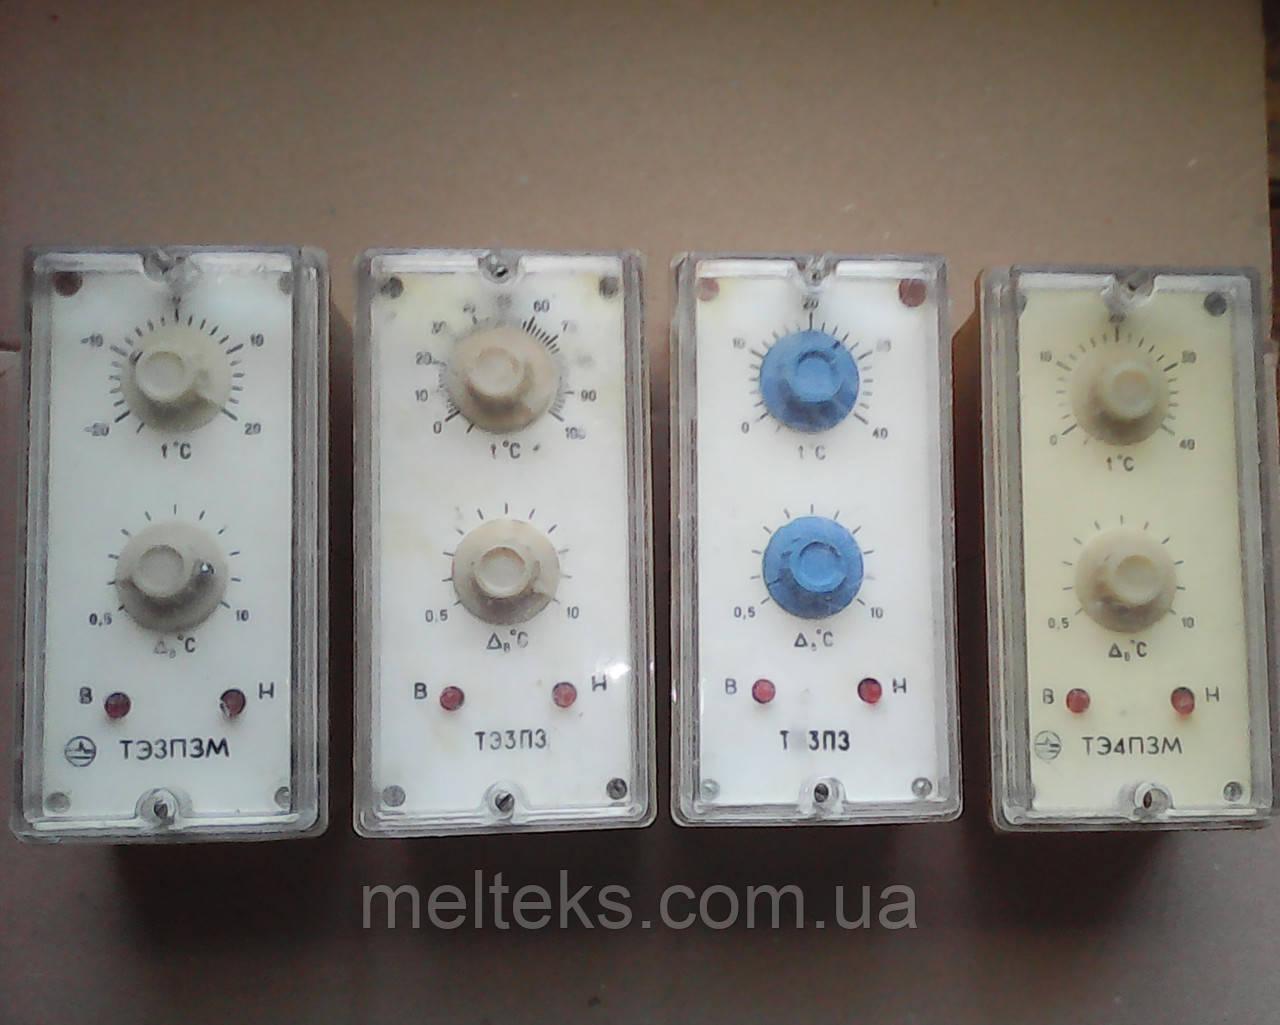 Терморегулятор ТЭ2П3, ТЭ3П3, ТЭ4П3